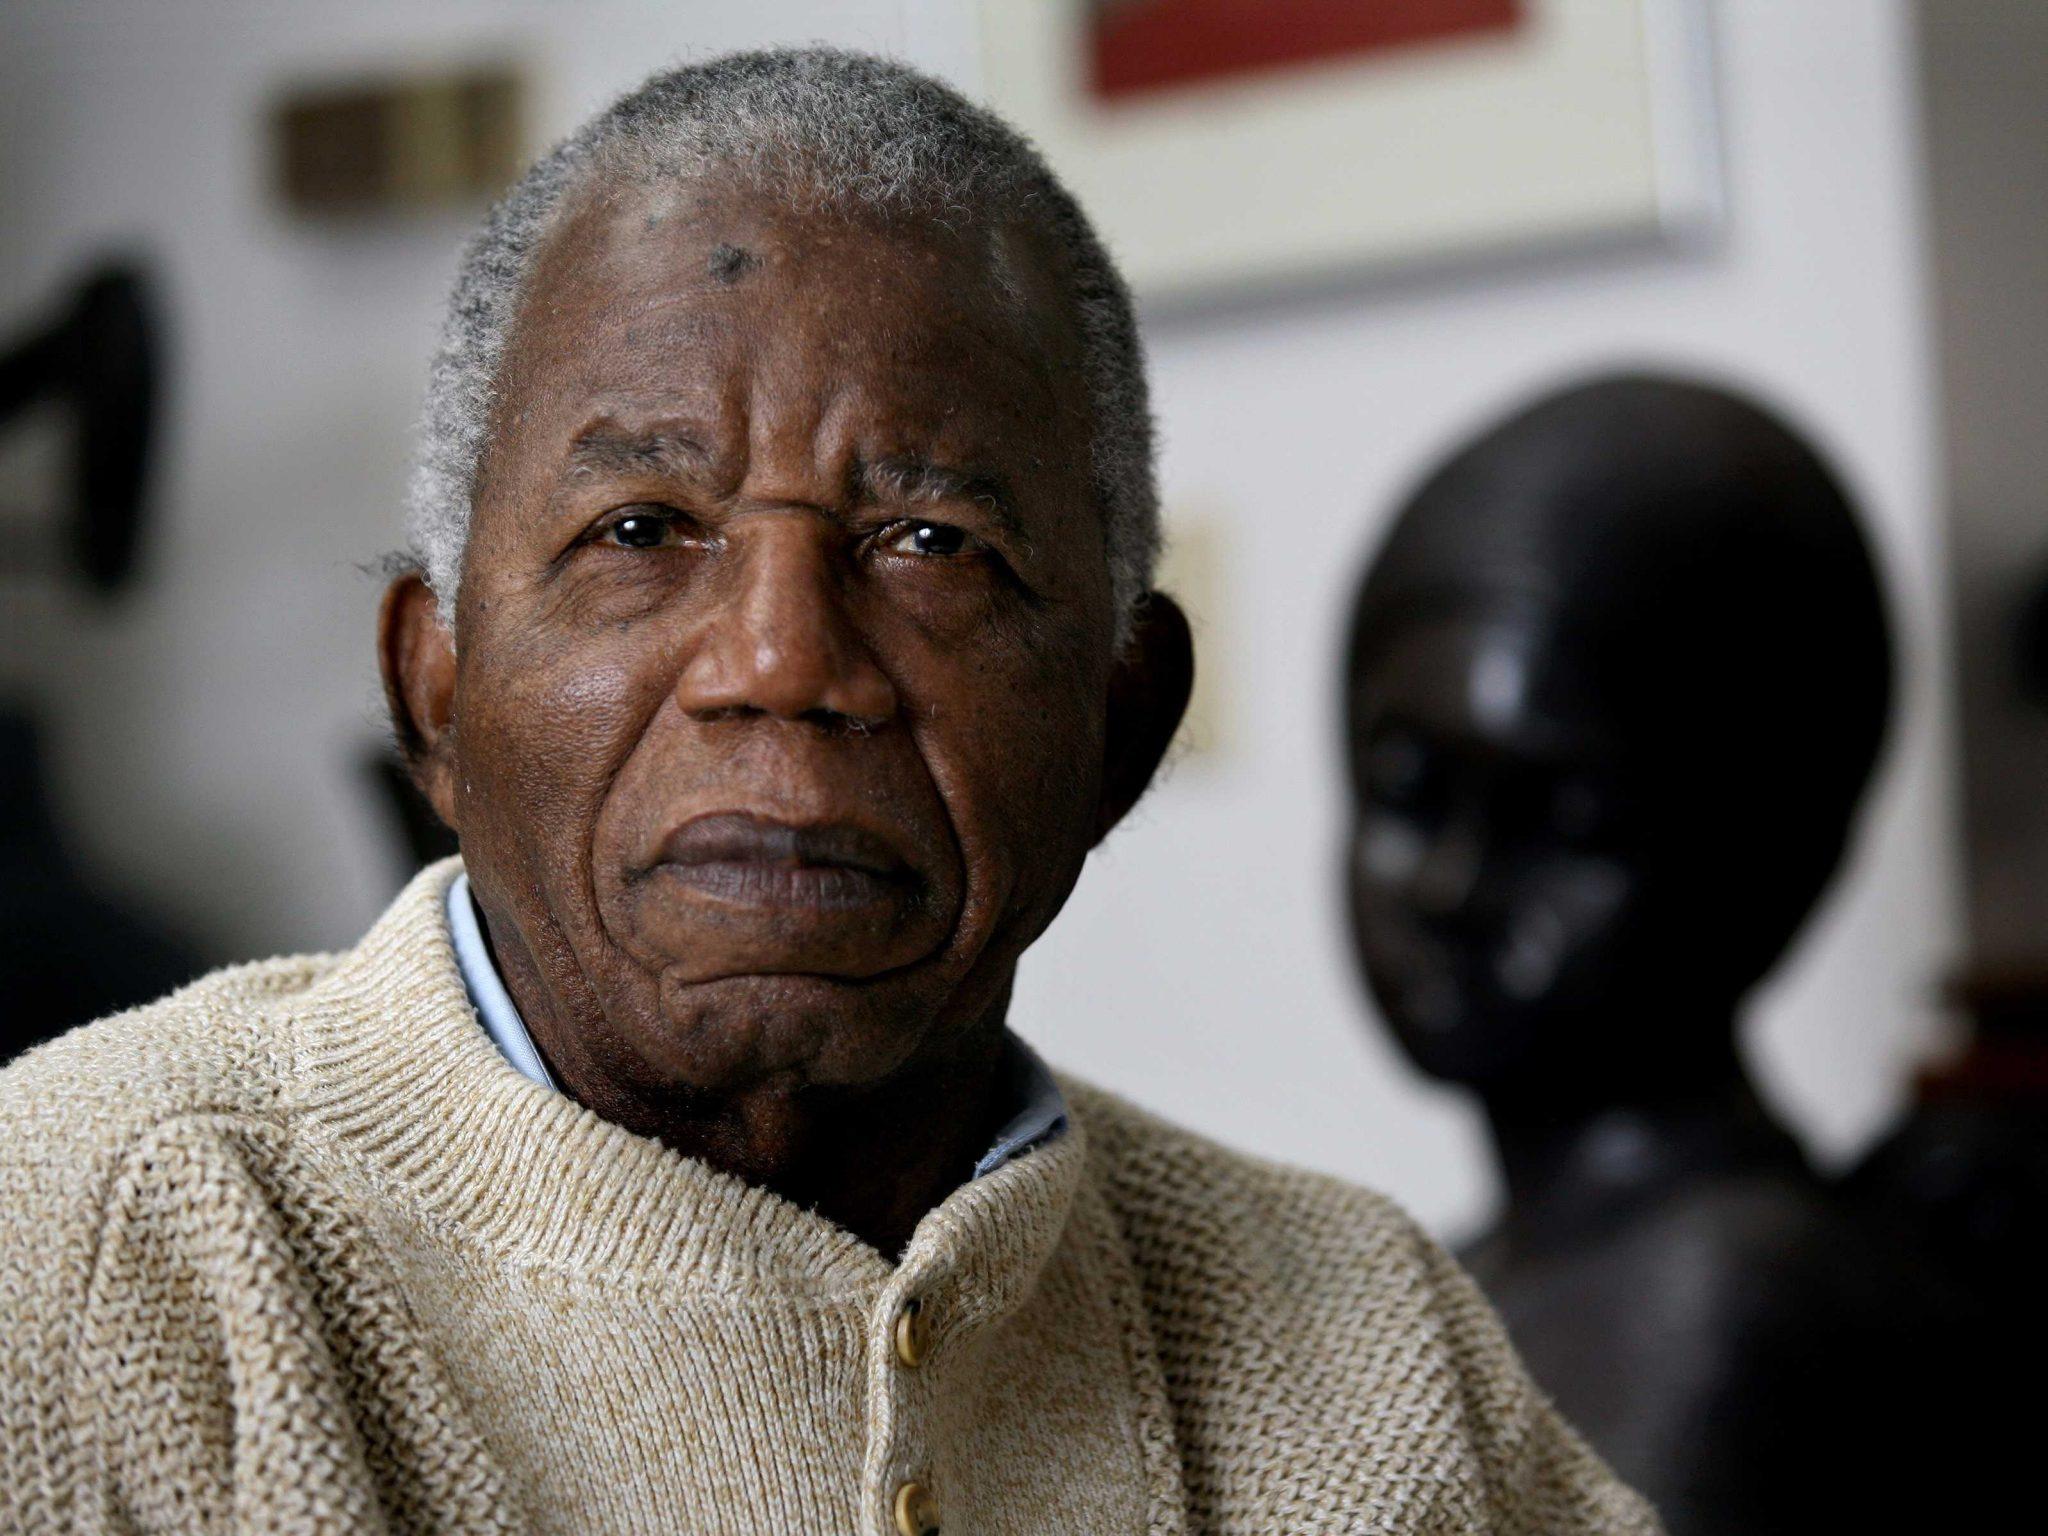 چینو آچه بهChinua Achebeبا نام کامل آلبرت چینو الو مو گو آچه به